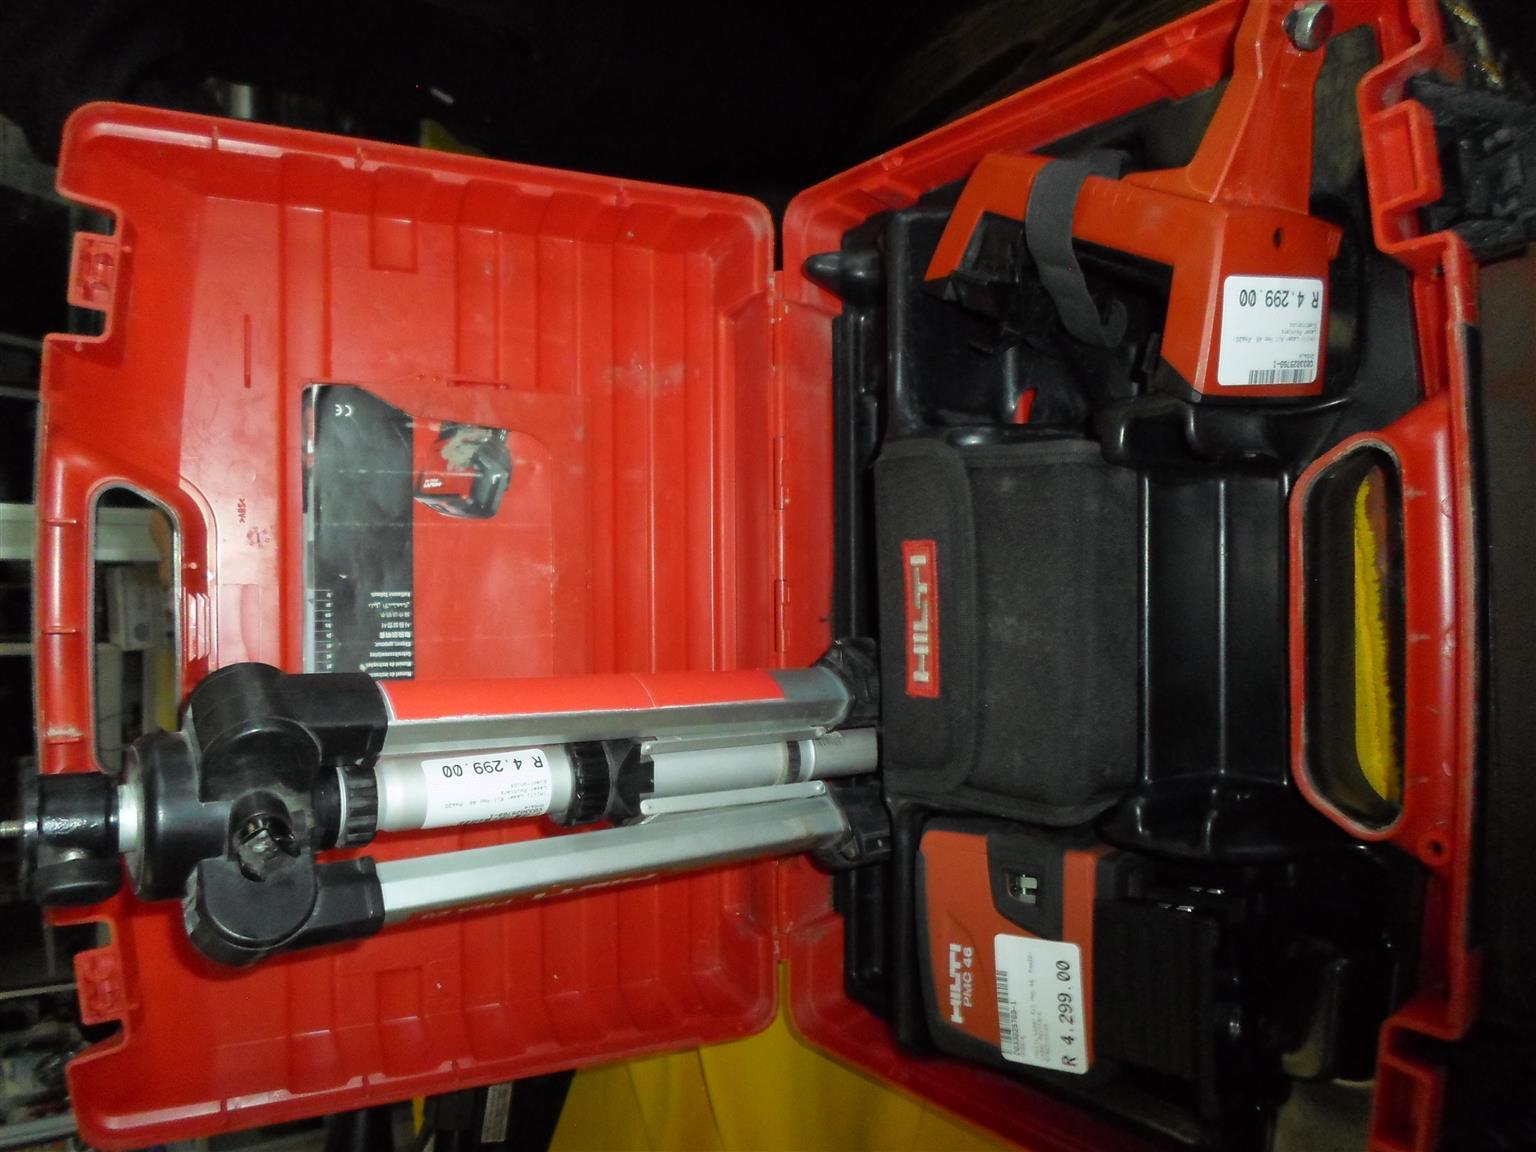 Hilti PMA 20 / PMC 46 Laser Tools